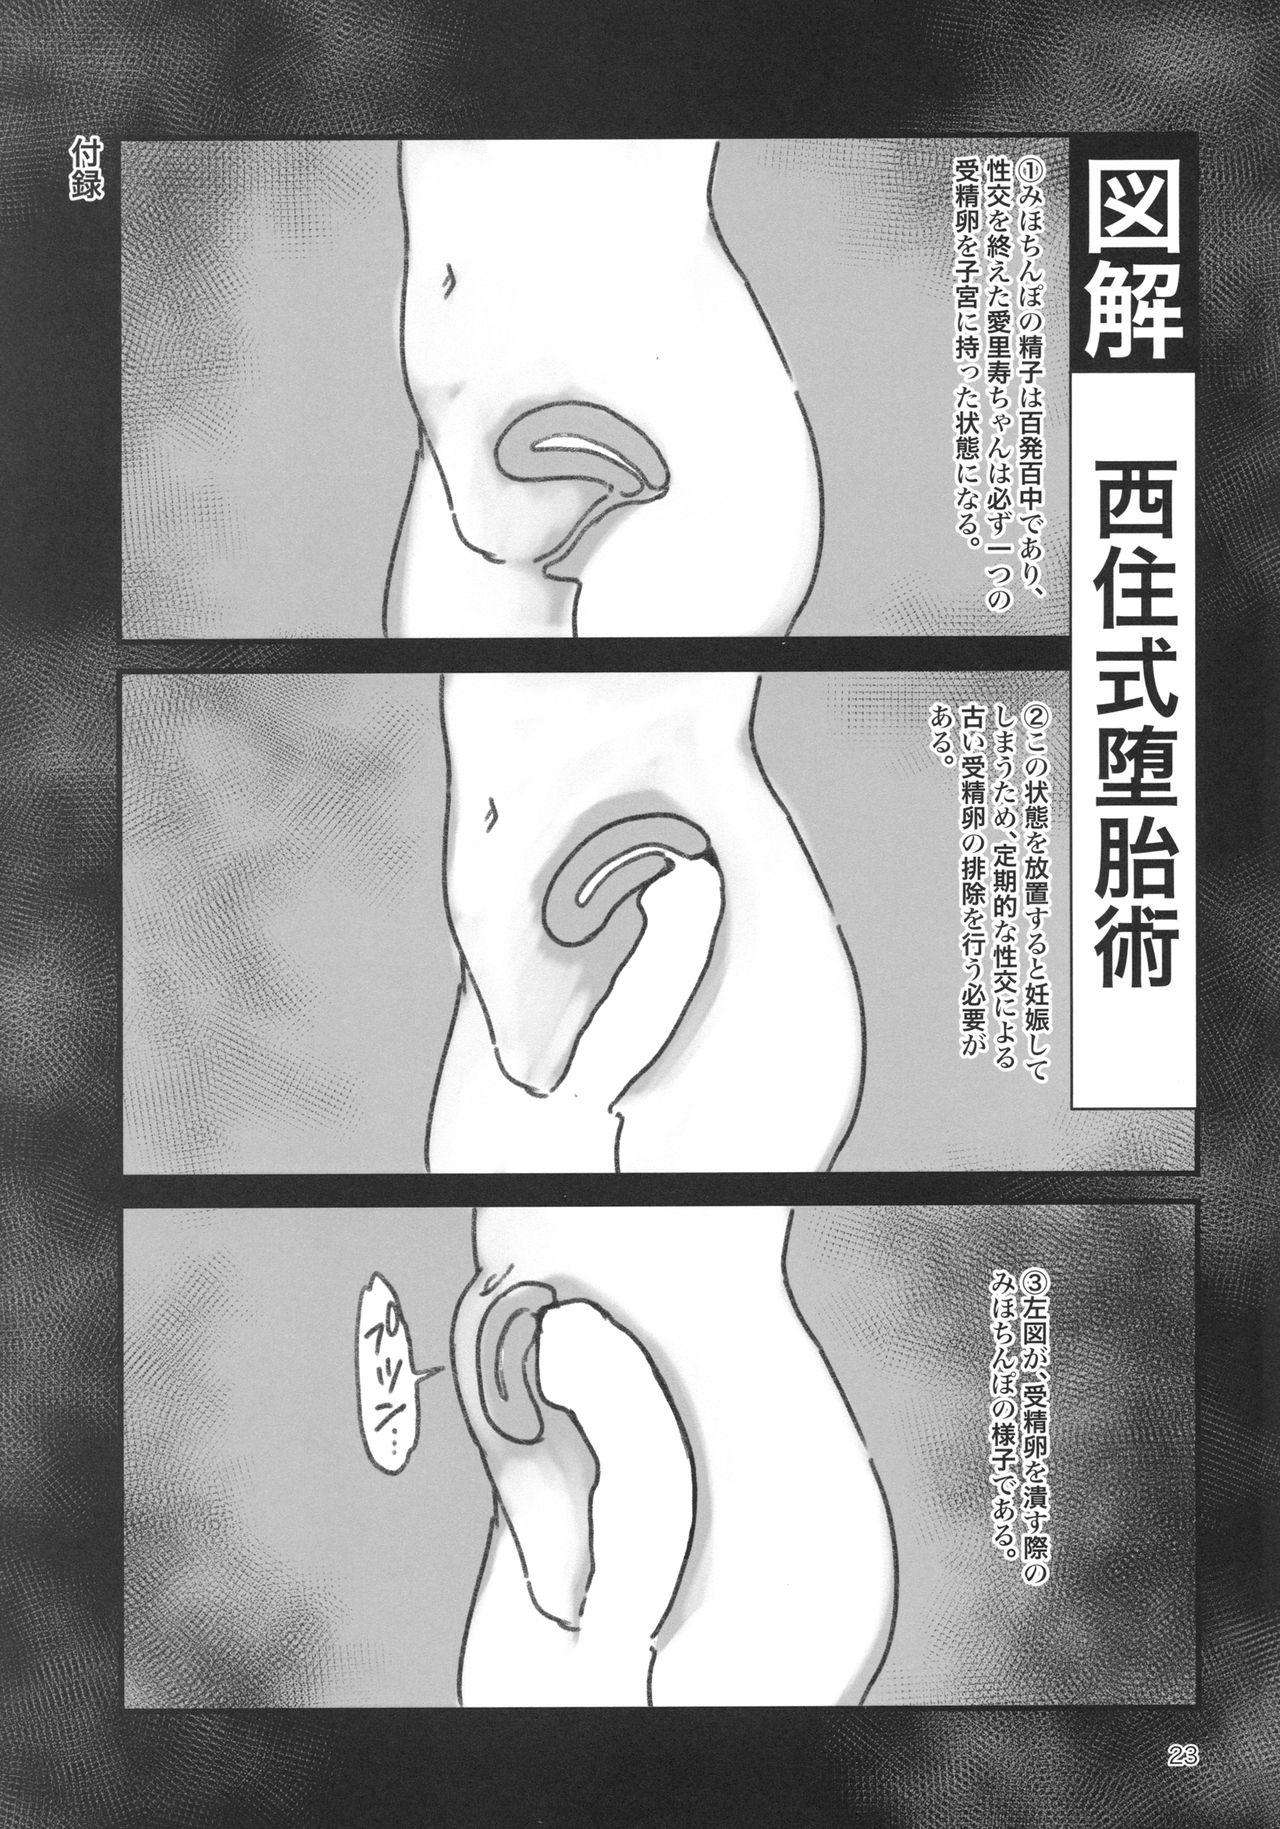 Chinpo Yakuza Miporin Boko Maso Arisu-chan Hen 21